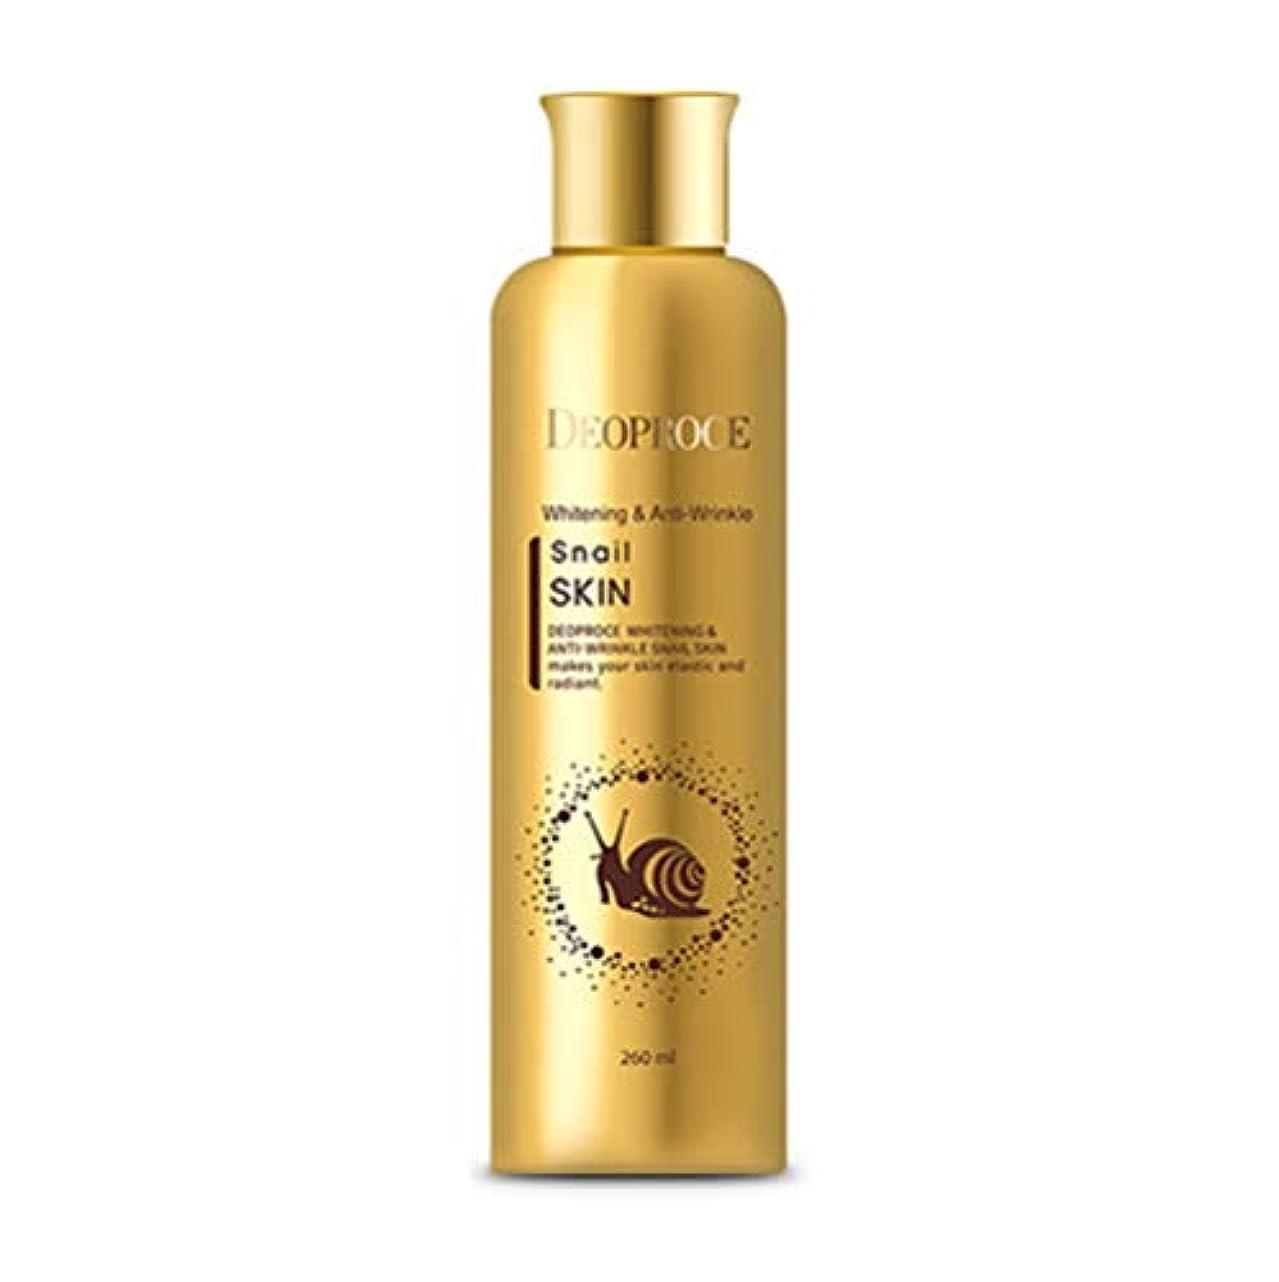 老人無駄に良いDeoproce 韓国化粧品ホワイトニングとアンチリンクルかたつむりスキントナー (260ml) [並行輸入品]